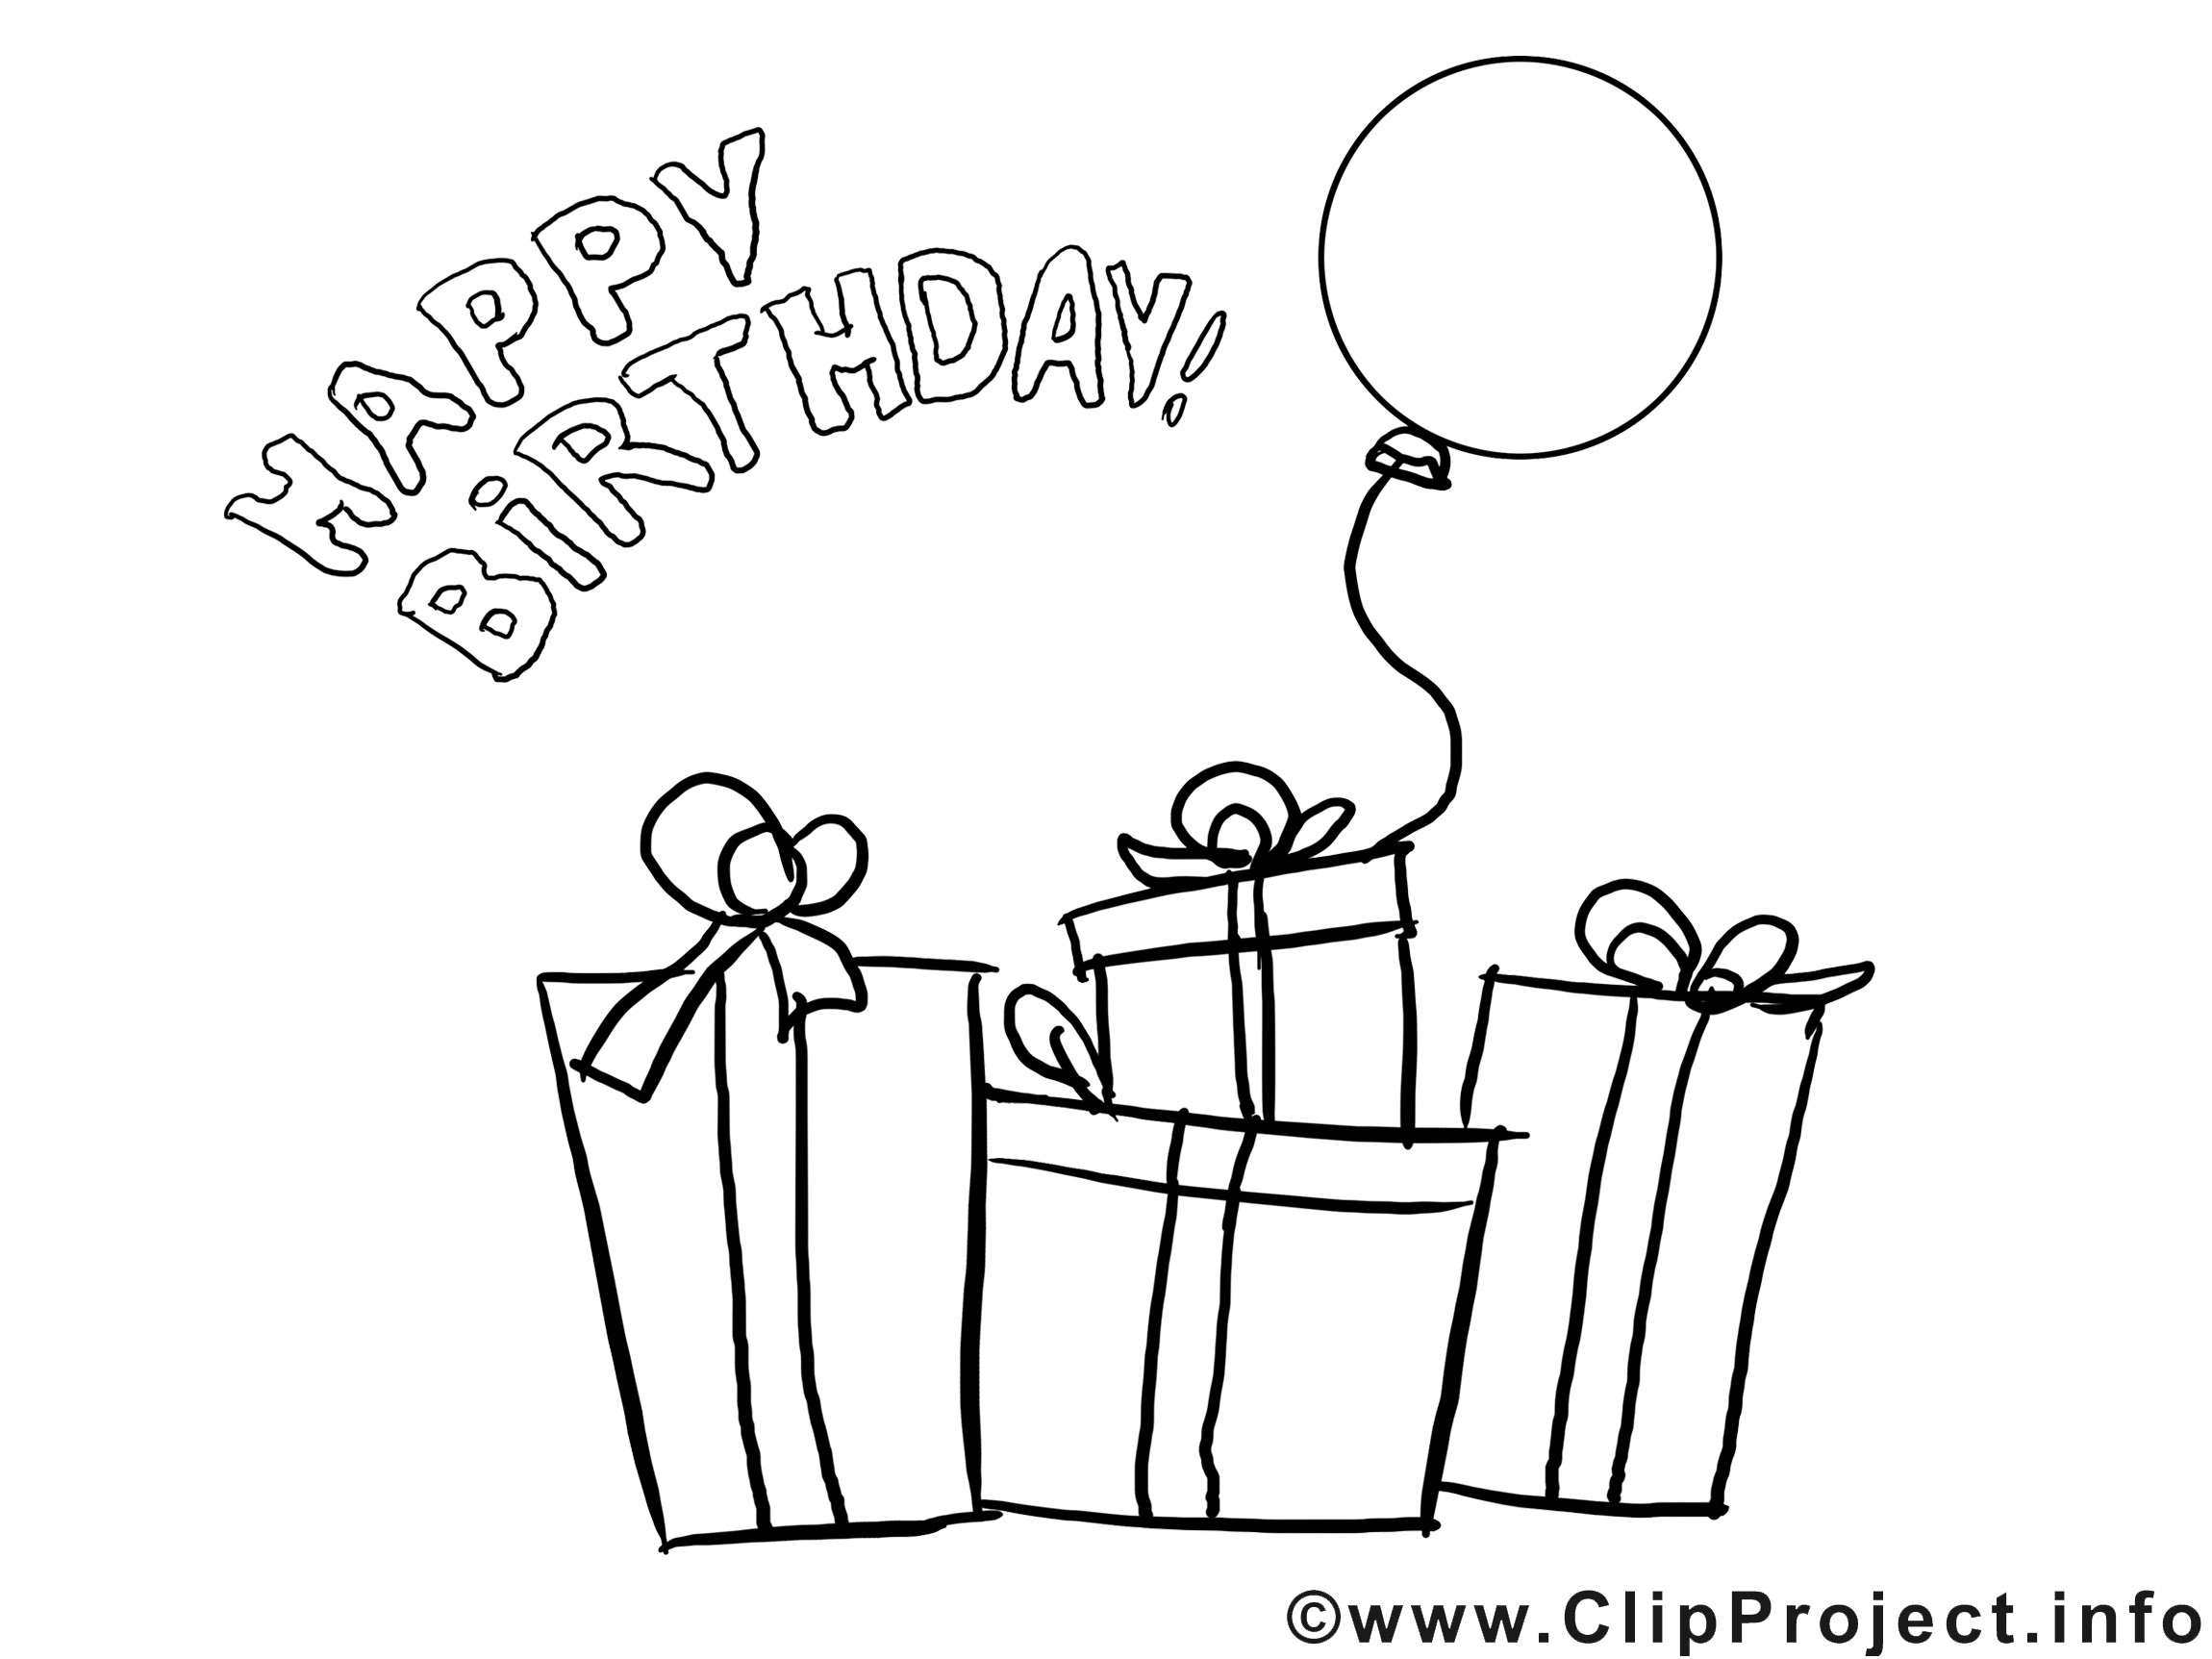 Geburtstagsbilder Zum Ausmalen  Ausmalbilder zum Geburtstag Geschenke